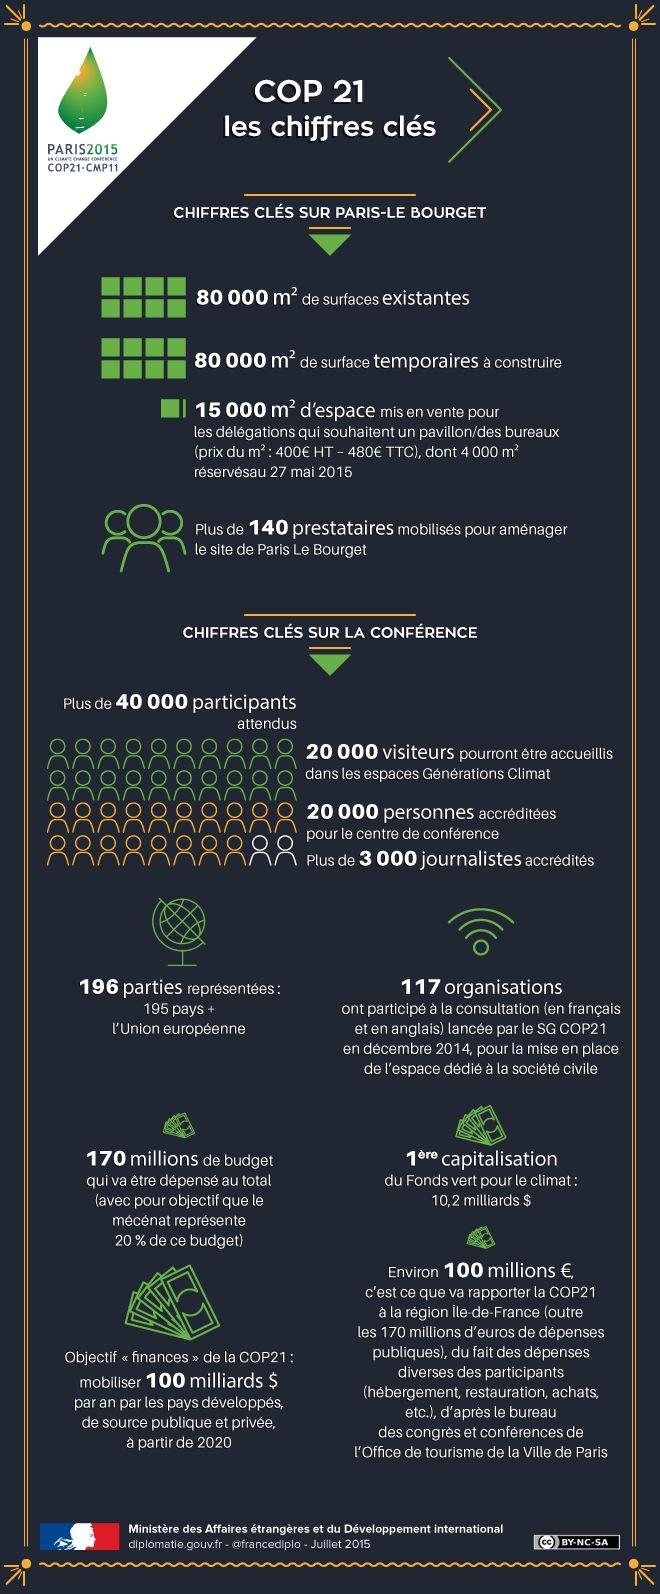 Les chiffres clés de la COP 21 - France-Diplomatie - Ministère des Affaires étrangères et du Développement international